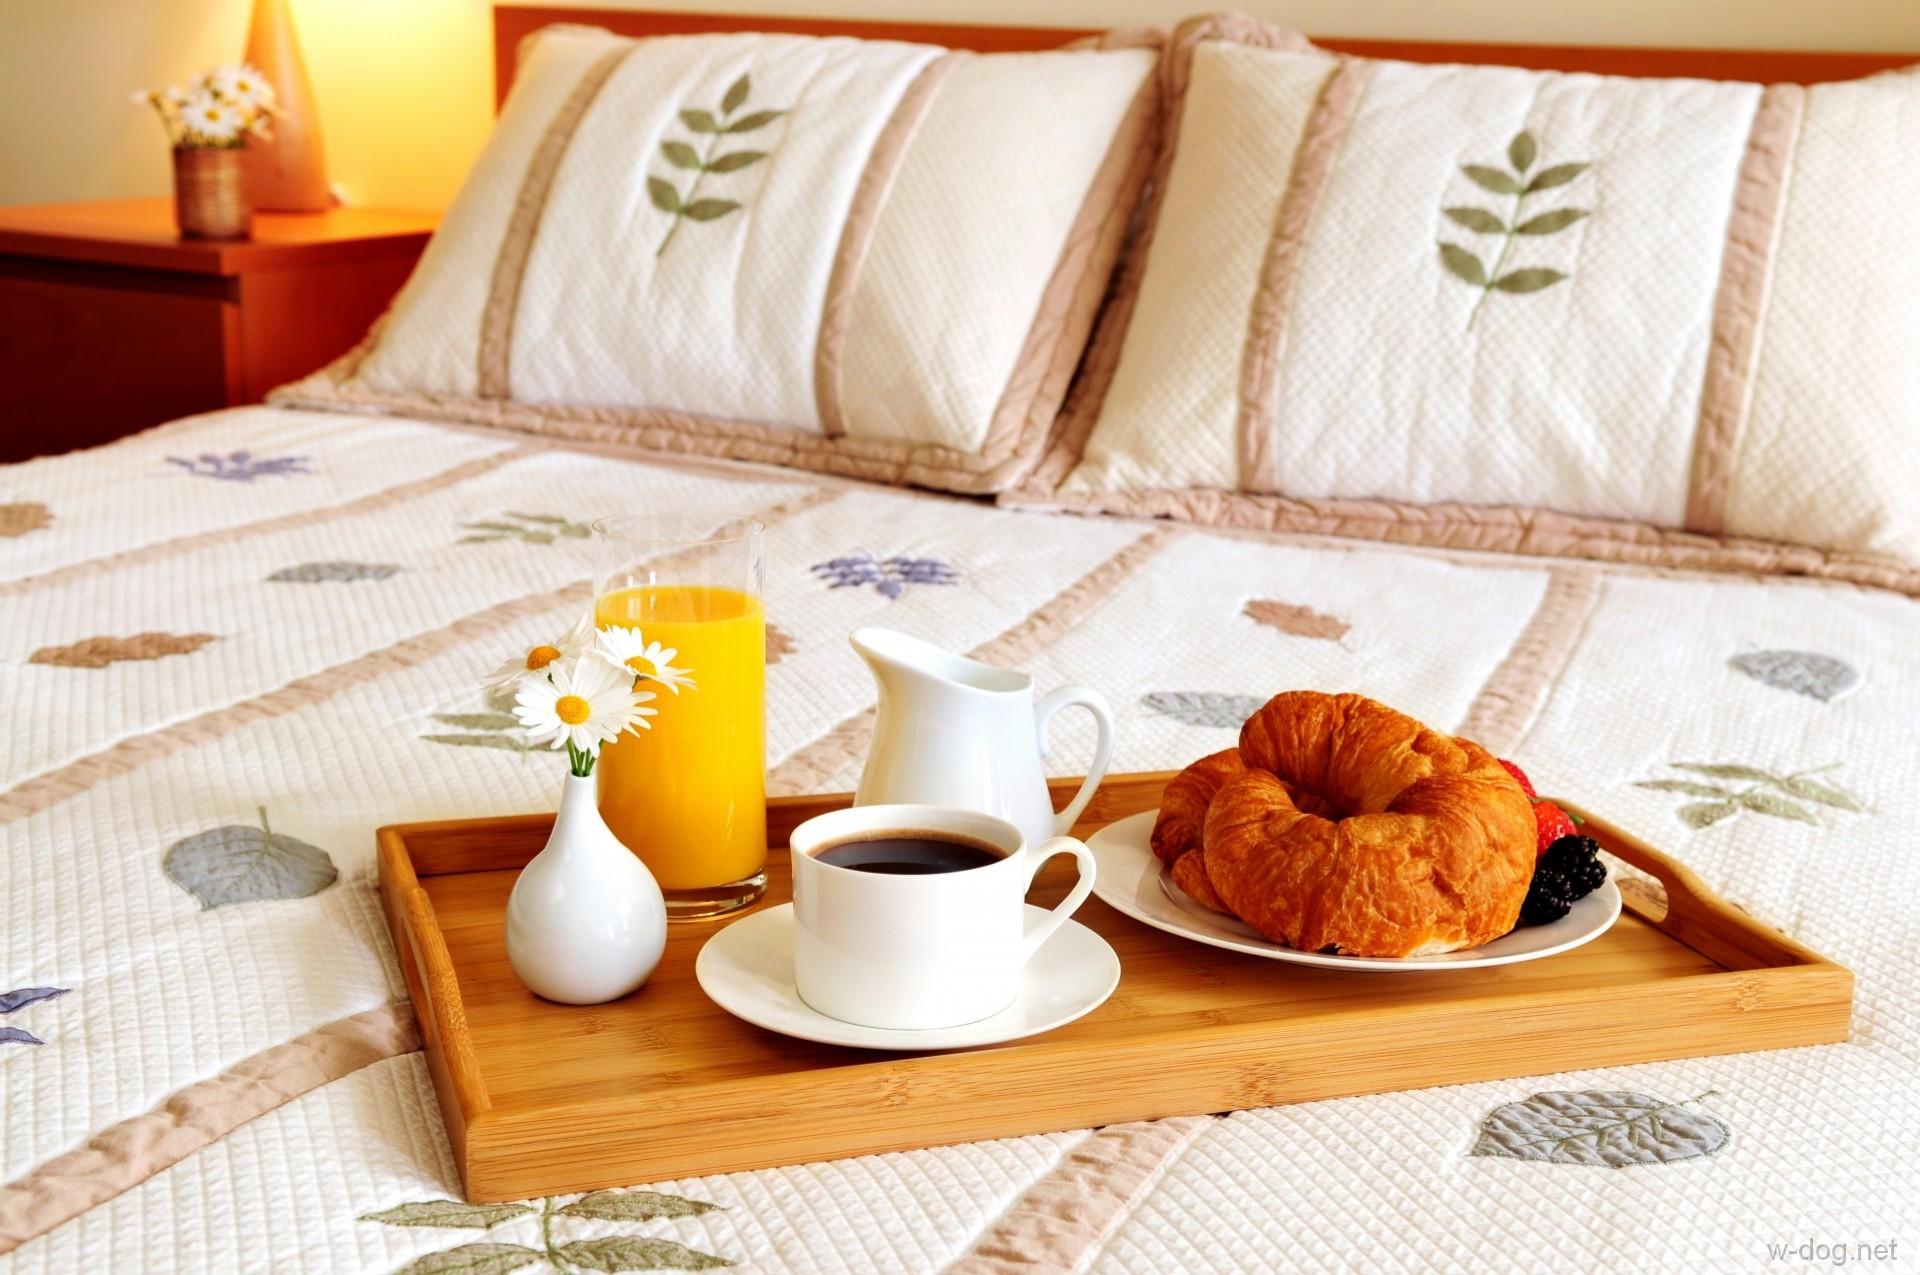 Картинки с добрым утром и кофе в постель